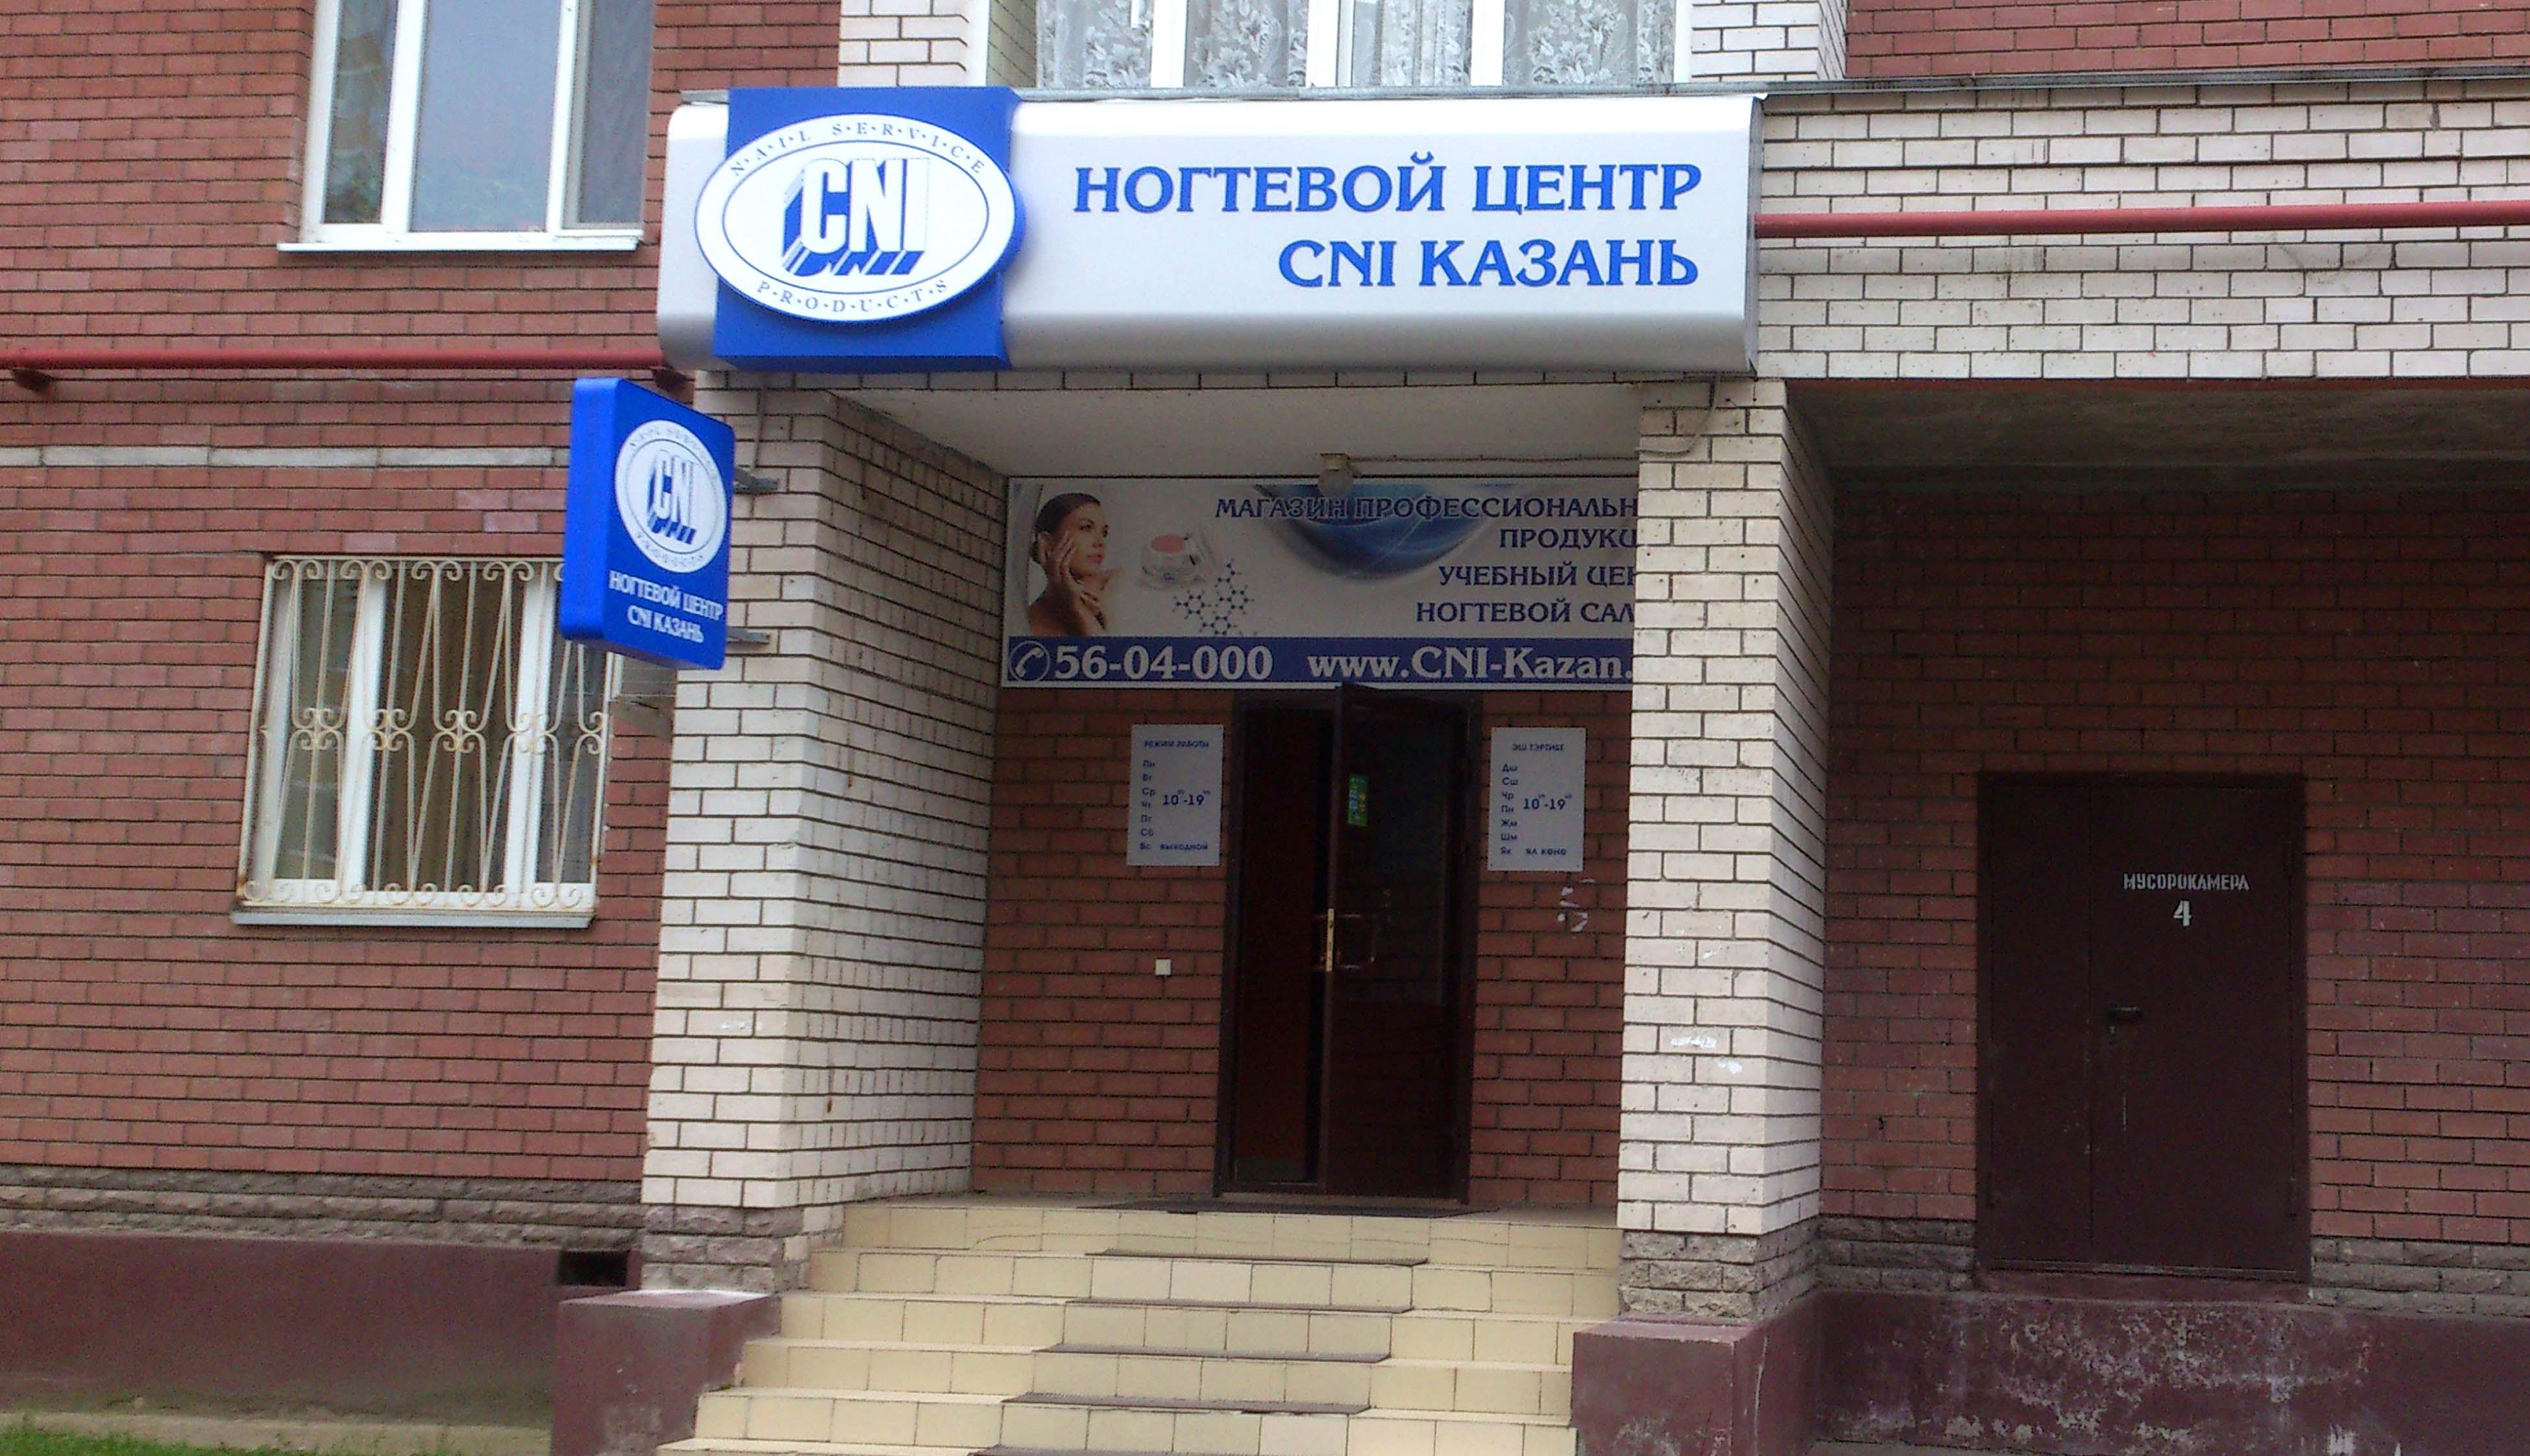 Изготовление и монтаж вывески для Ногтевого Центра «CNI-Казань»